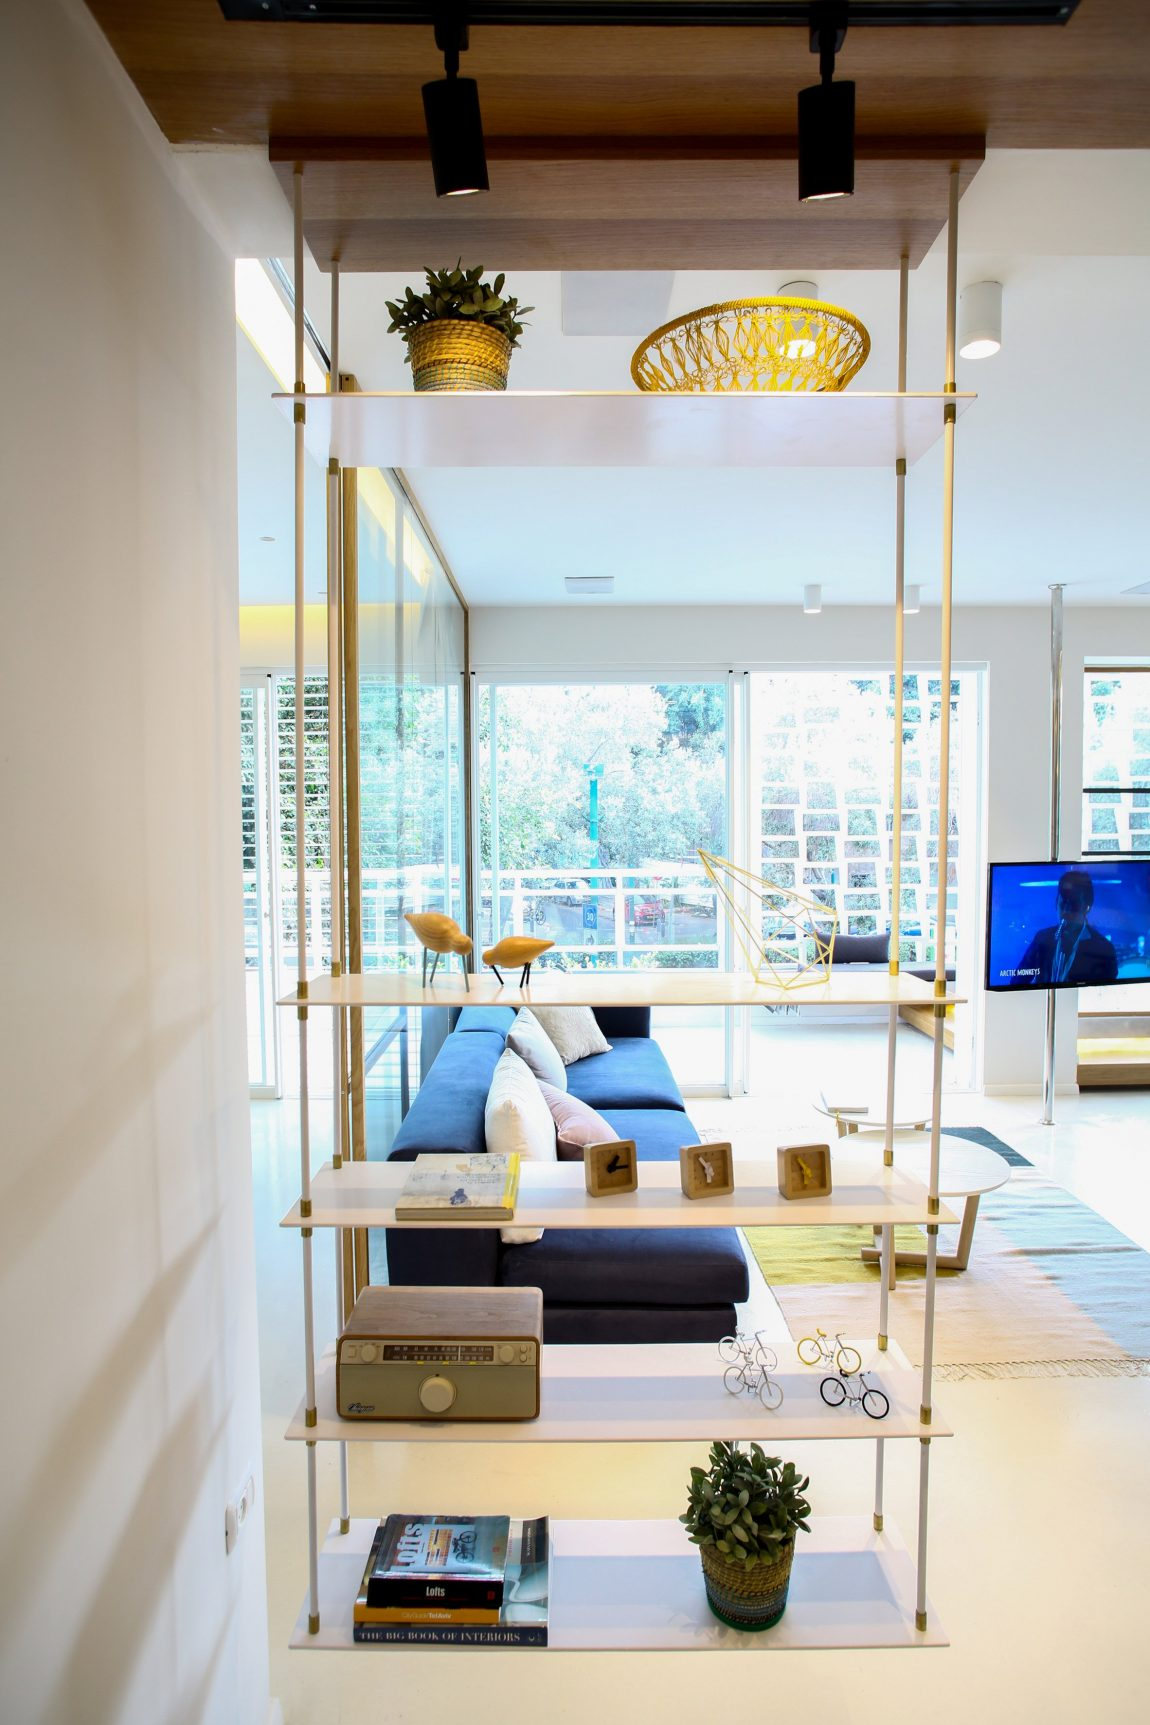 Fijn appartement met een open indeling en veel lichtinval